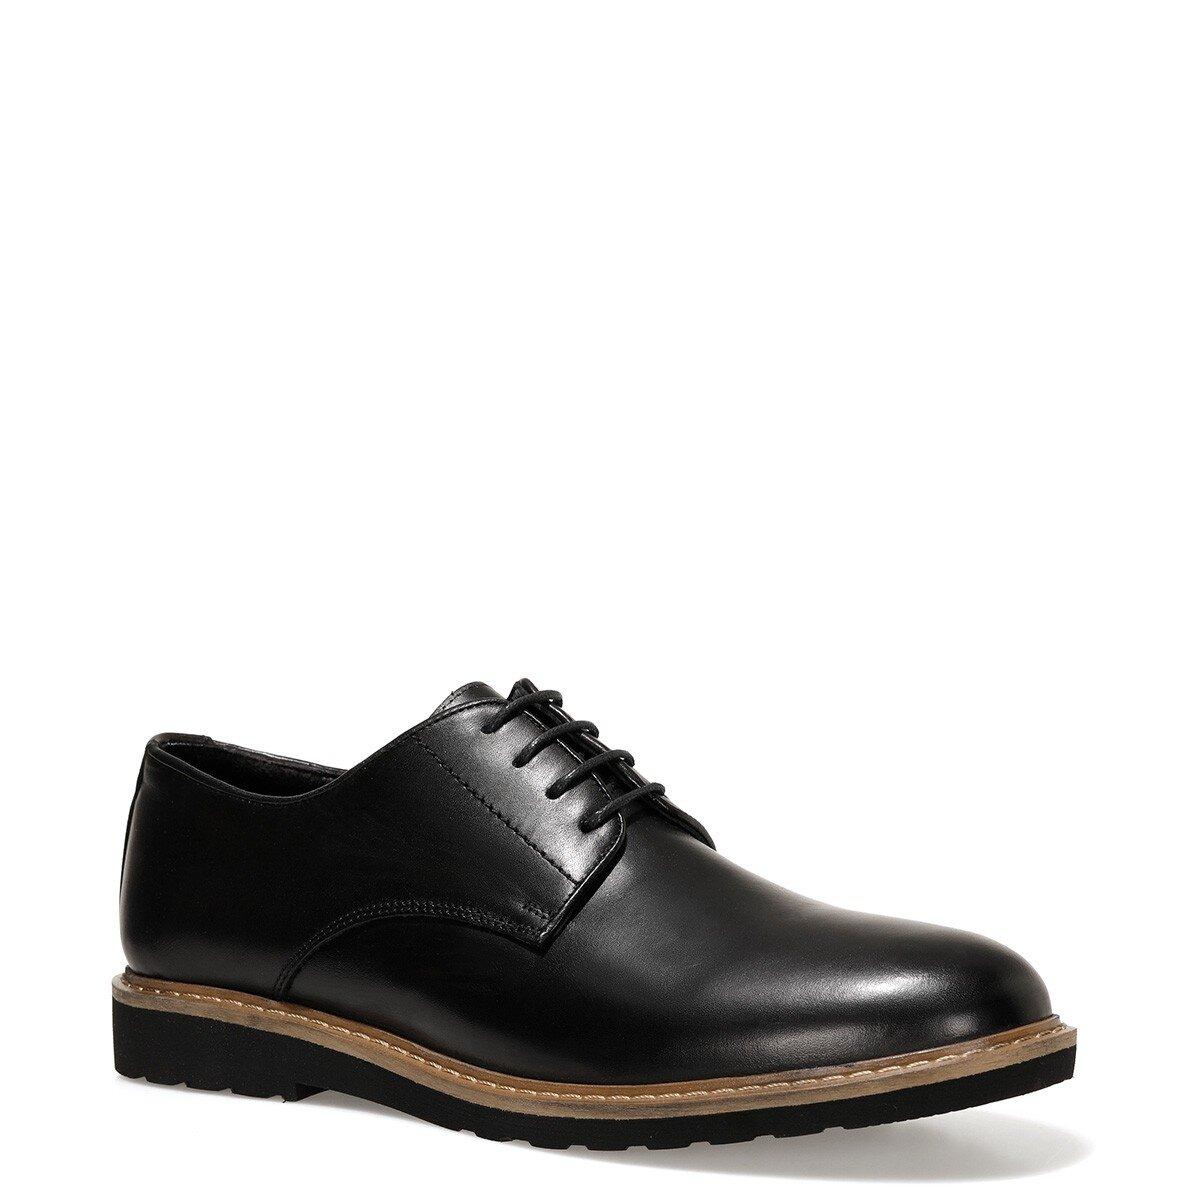 LOMBA 1FX Siyah Erkek Klasik Ayakkabı